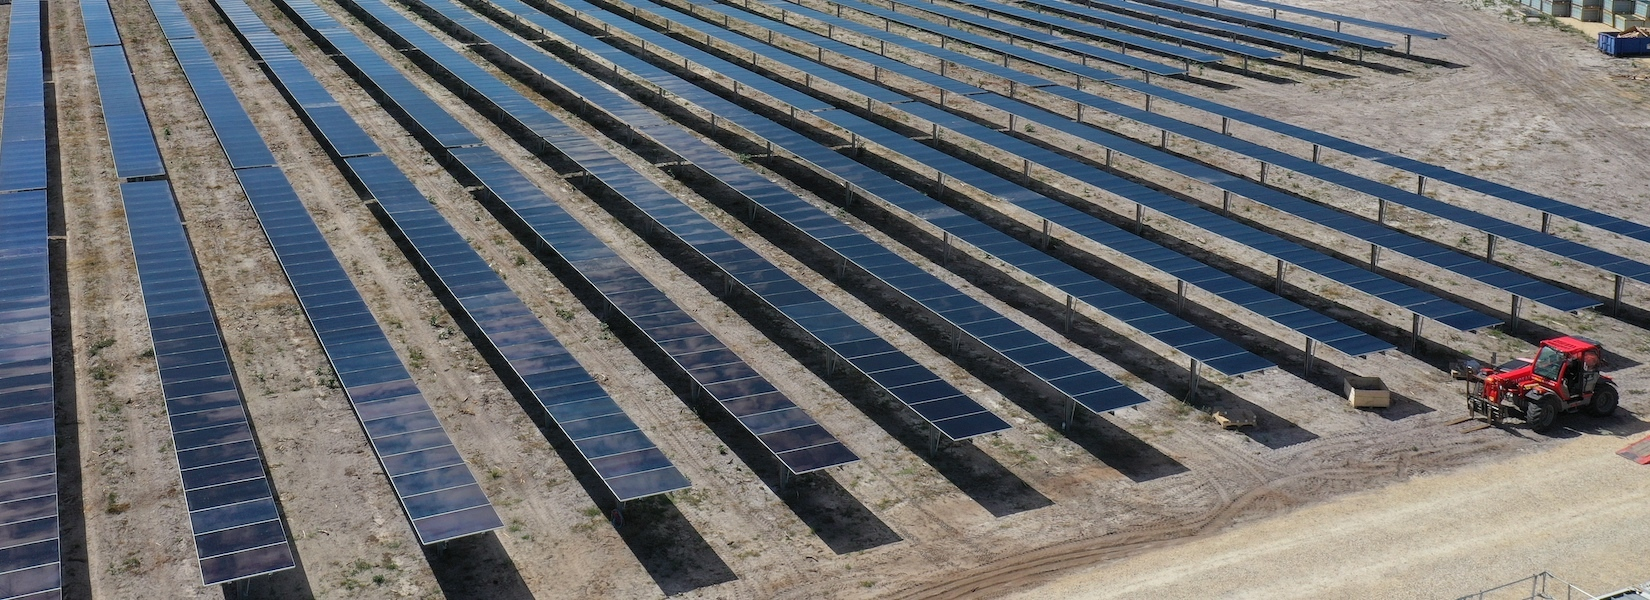 Carroussel parc photovoltaique de pontenx %2840%29 1650x600